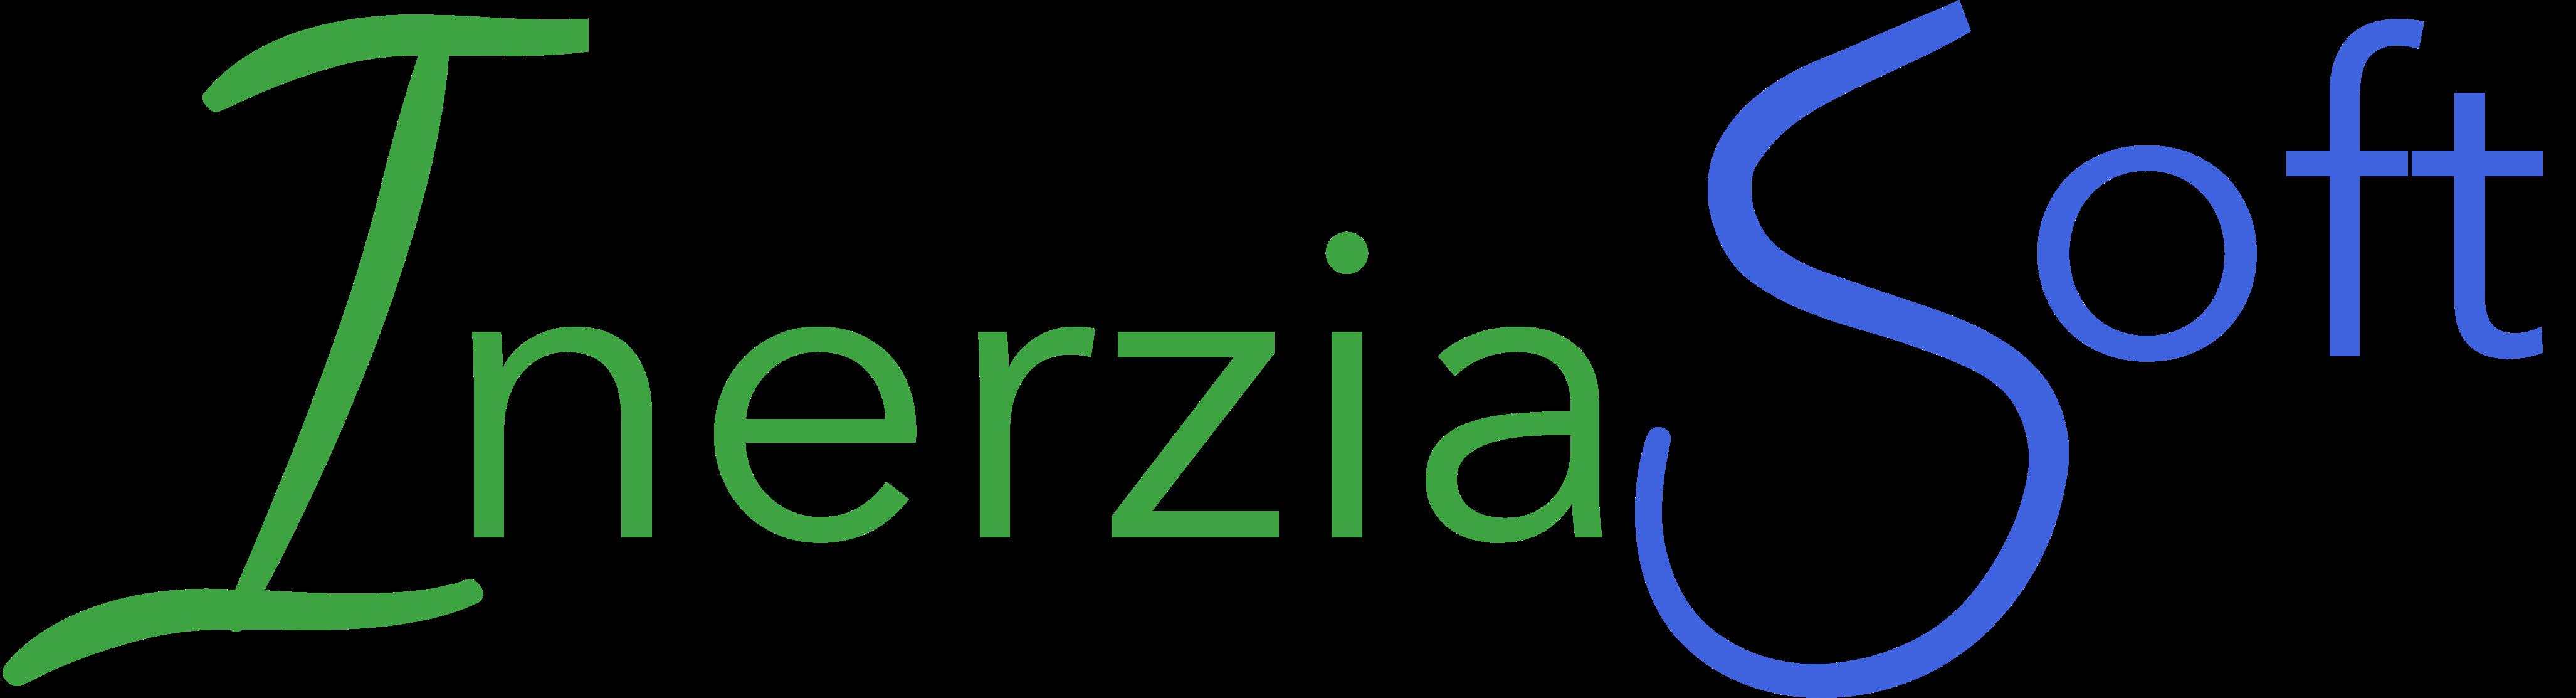 InerziaSoft